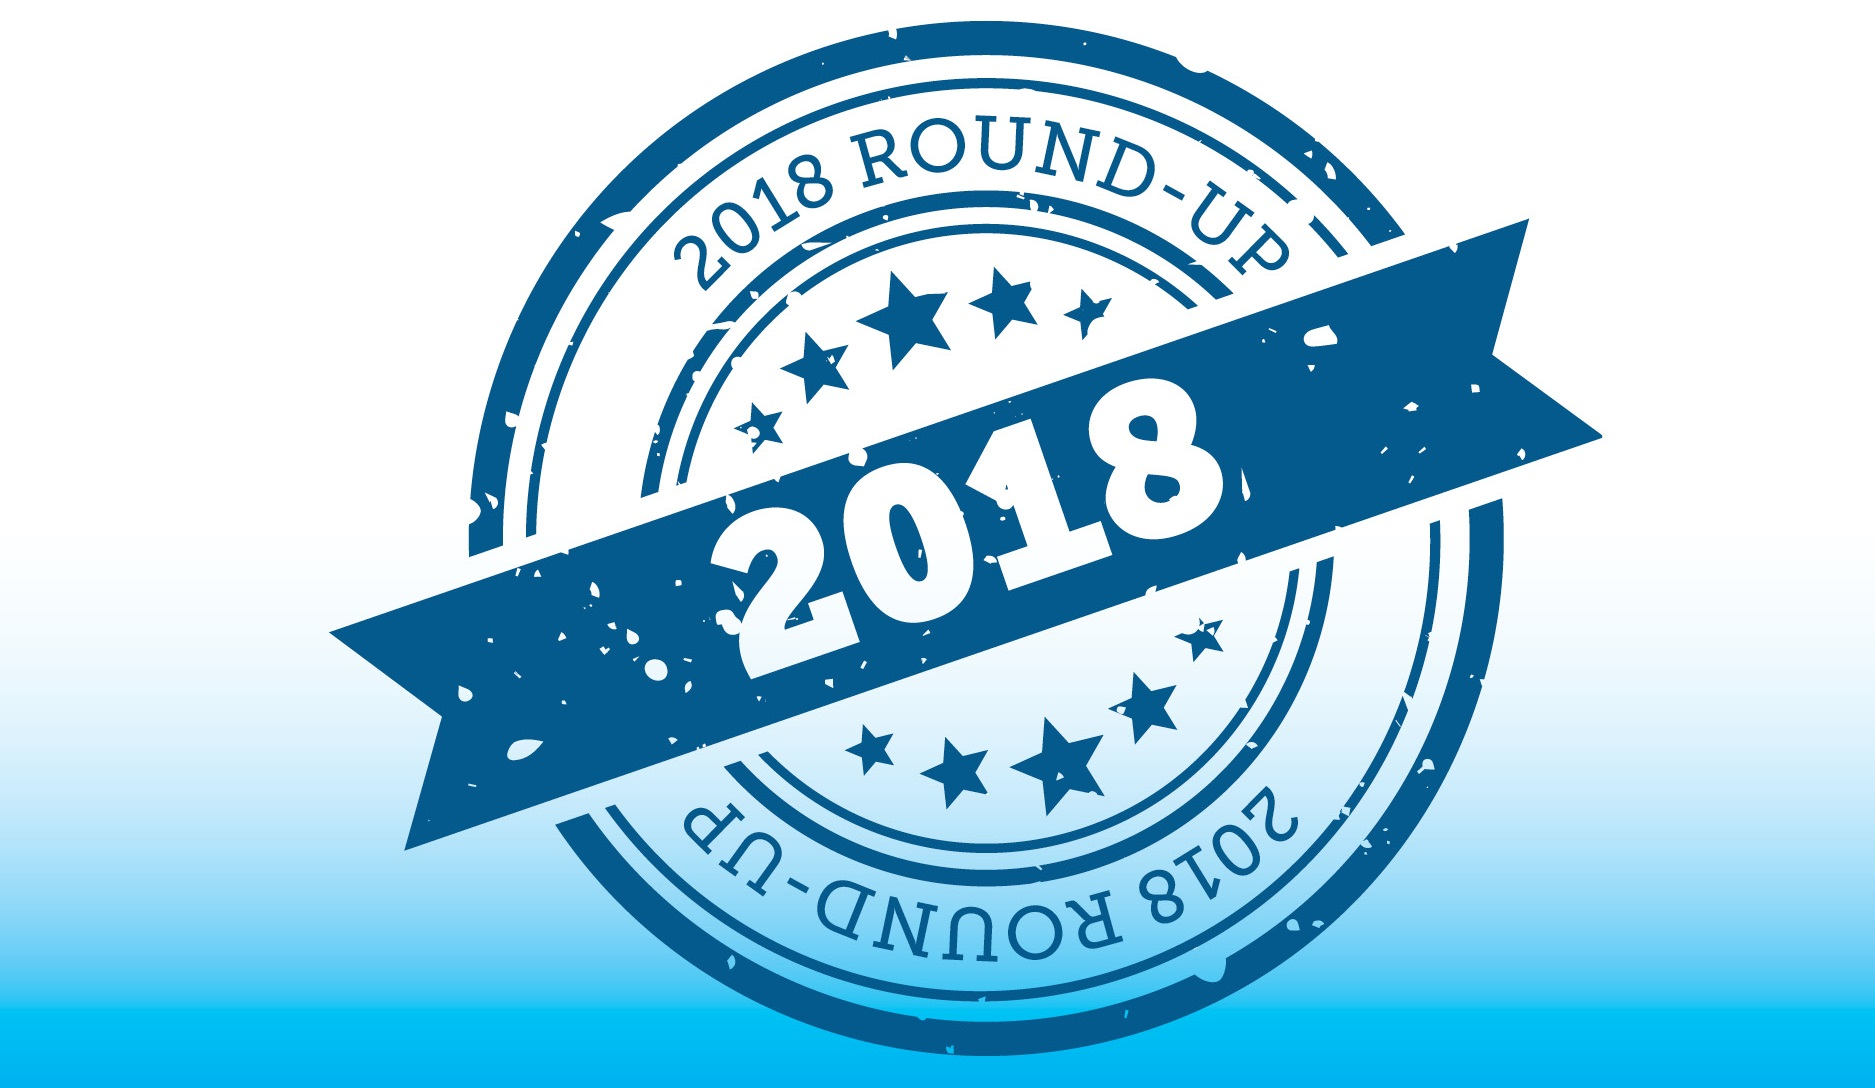 2018 Round Up main Image 900px2-1